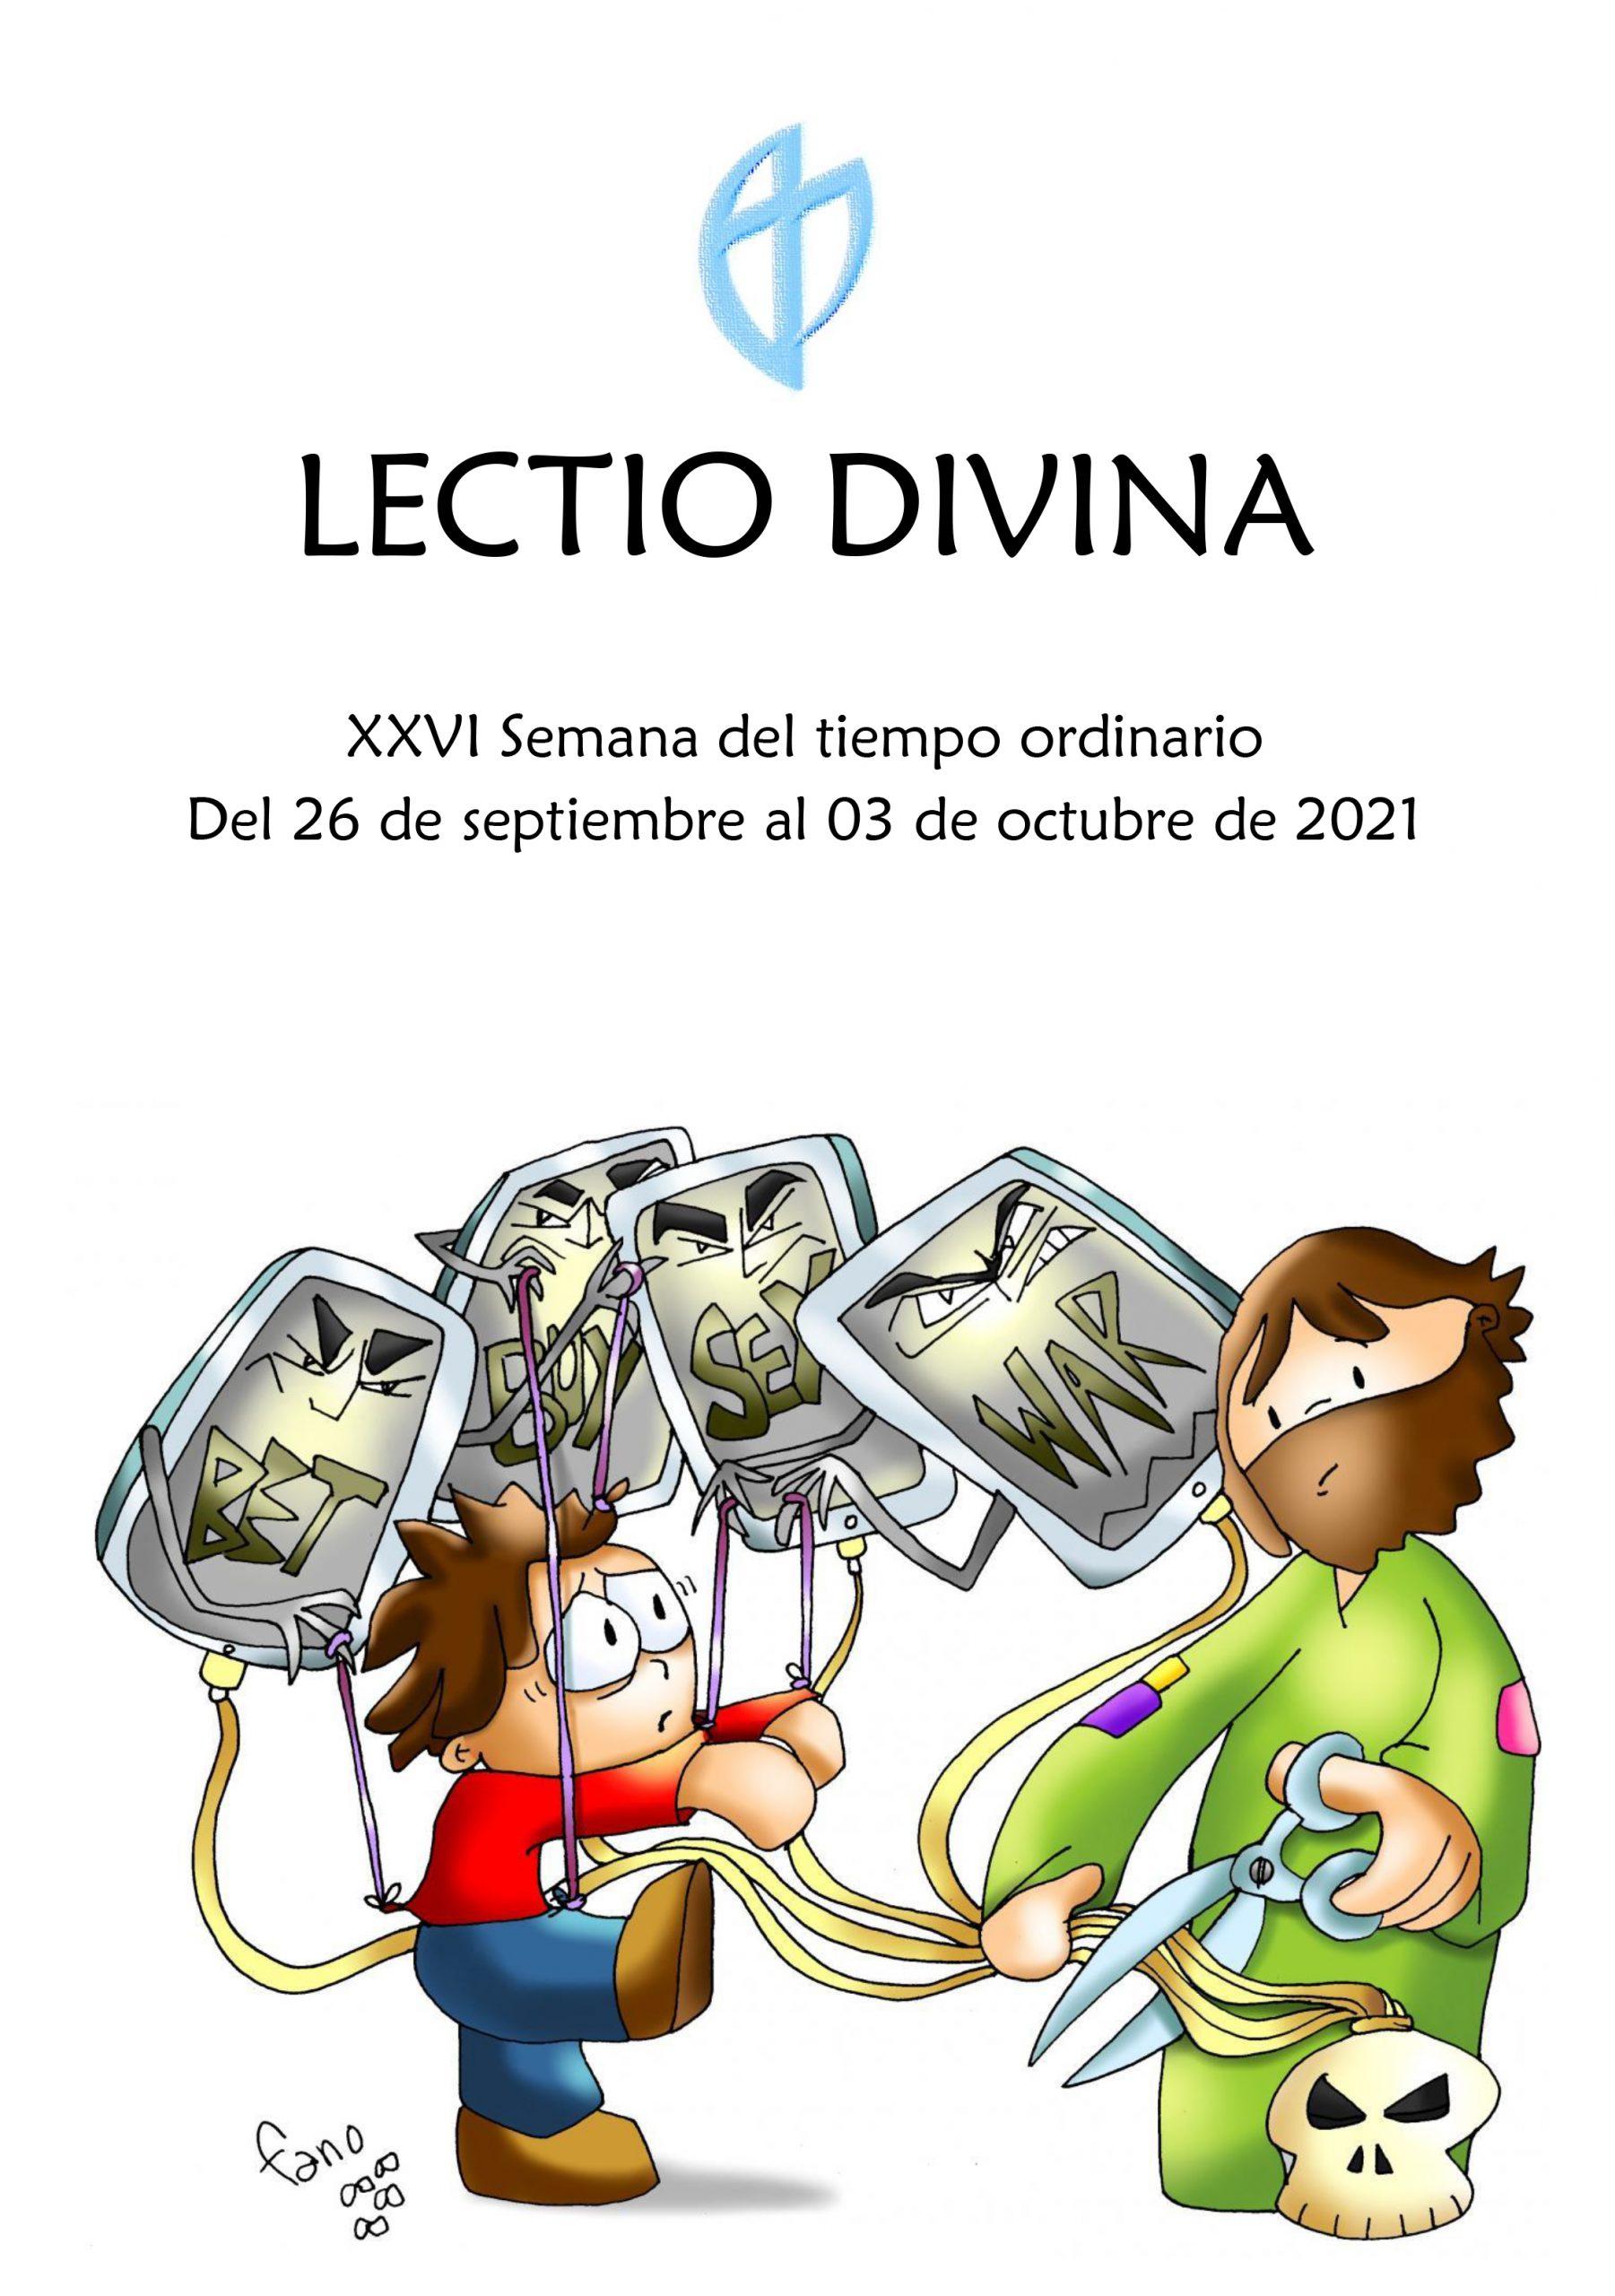 XXVI Semana del tiempo ordinario (del 26 de septiembre al 03 de octubre de 2021)